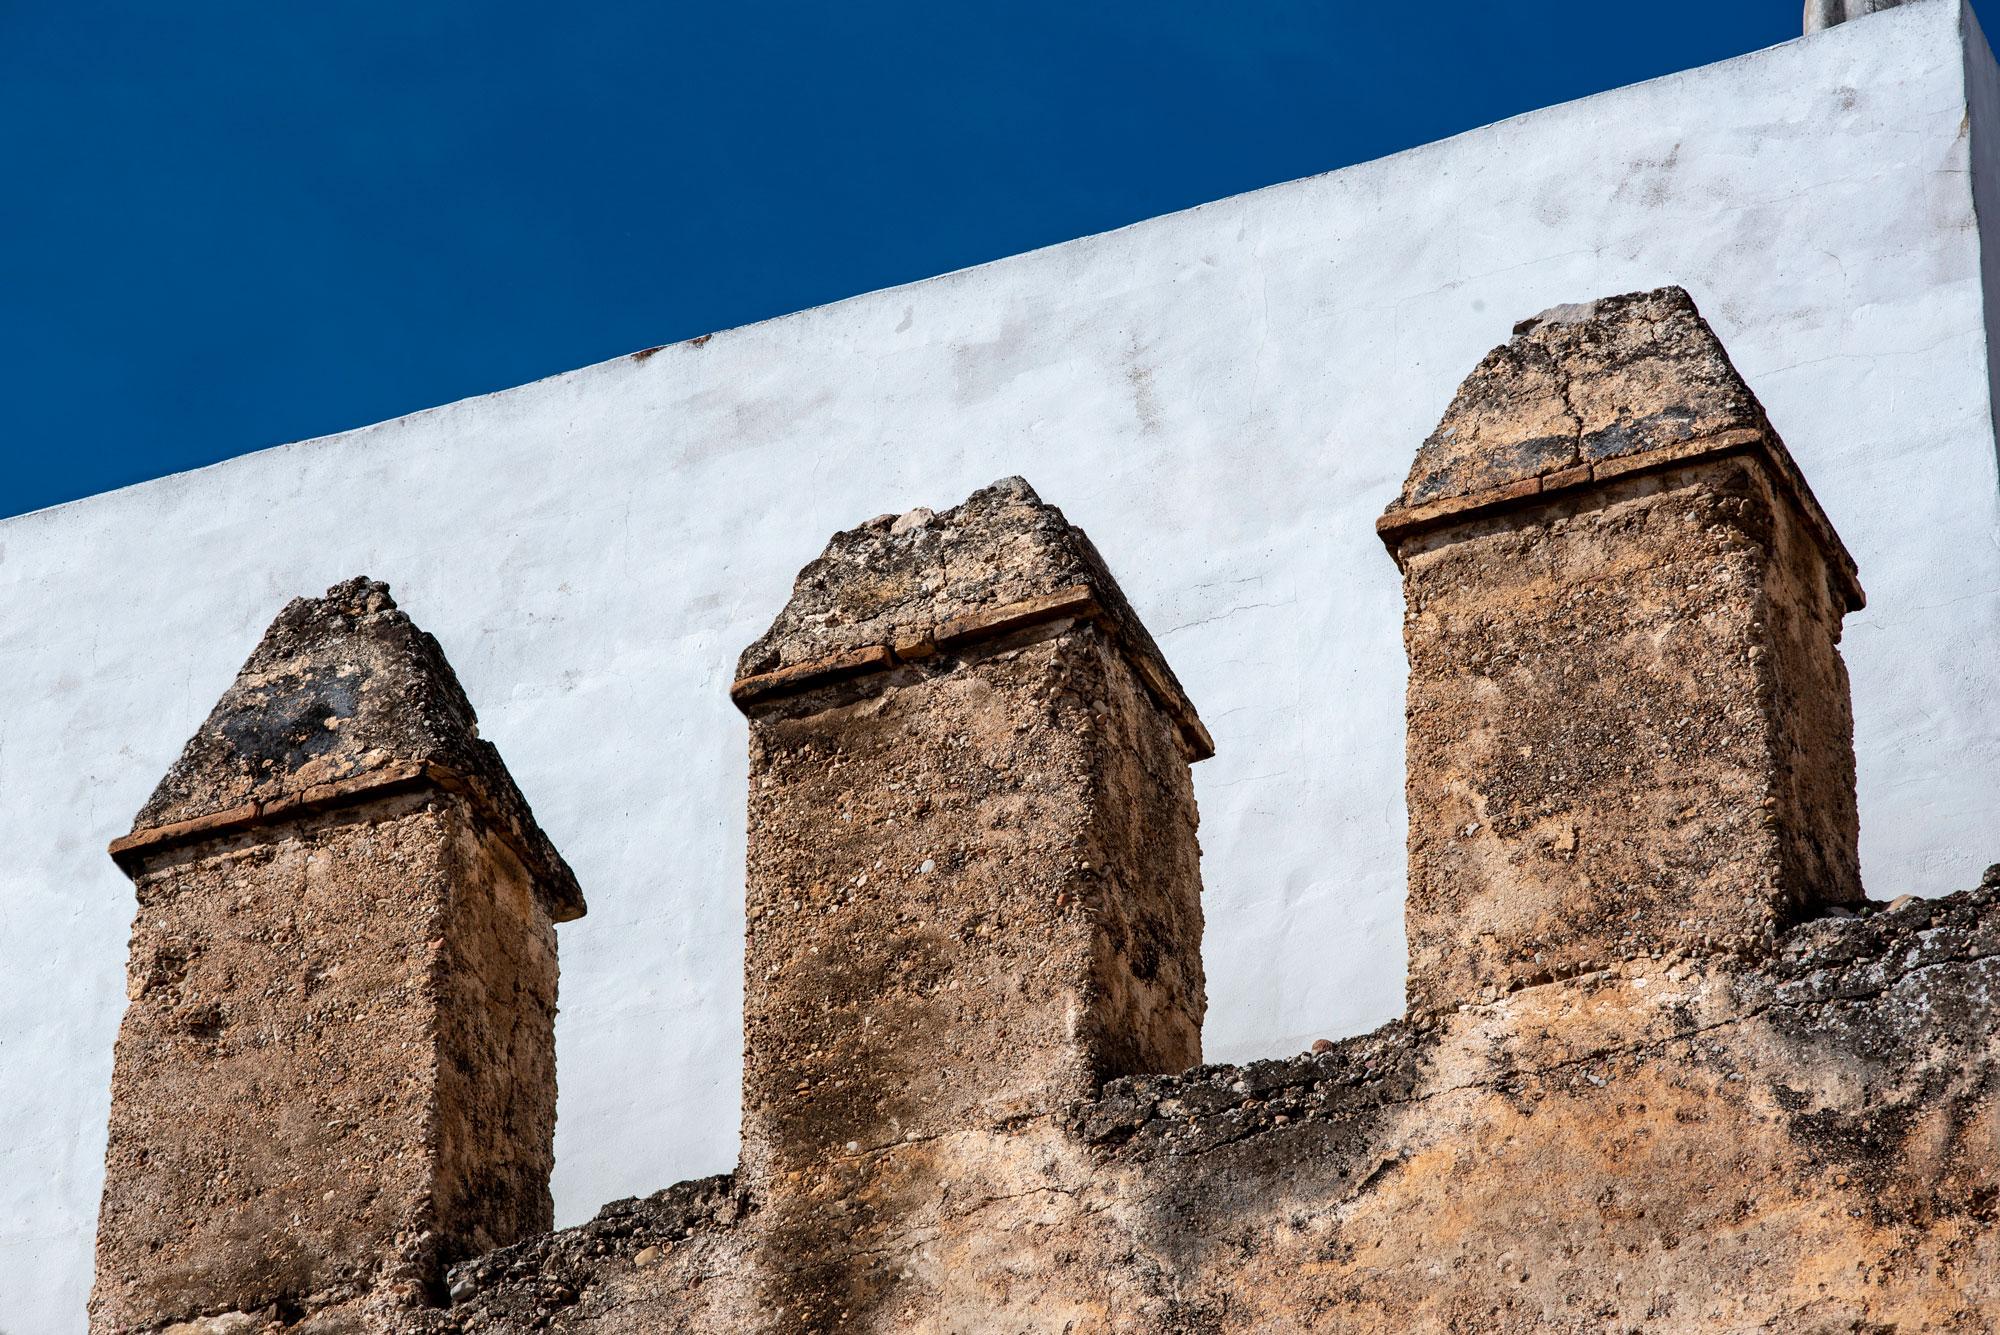 Turisme-Lliria---Murallas-medievales-02